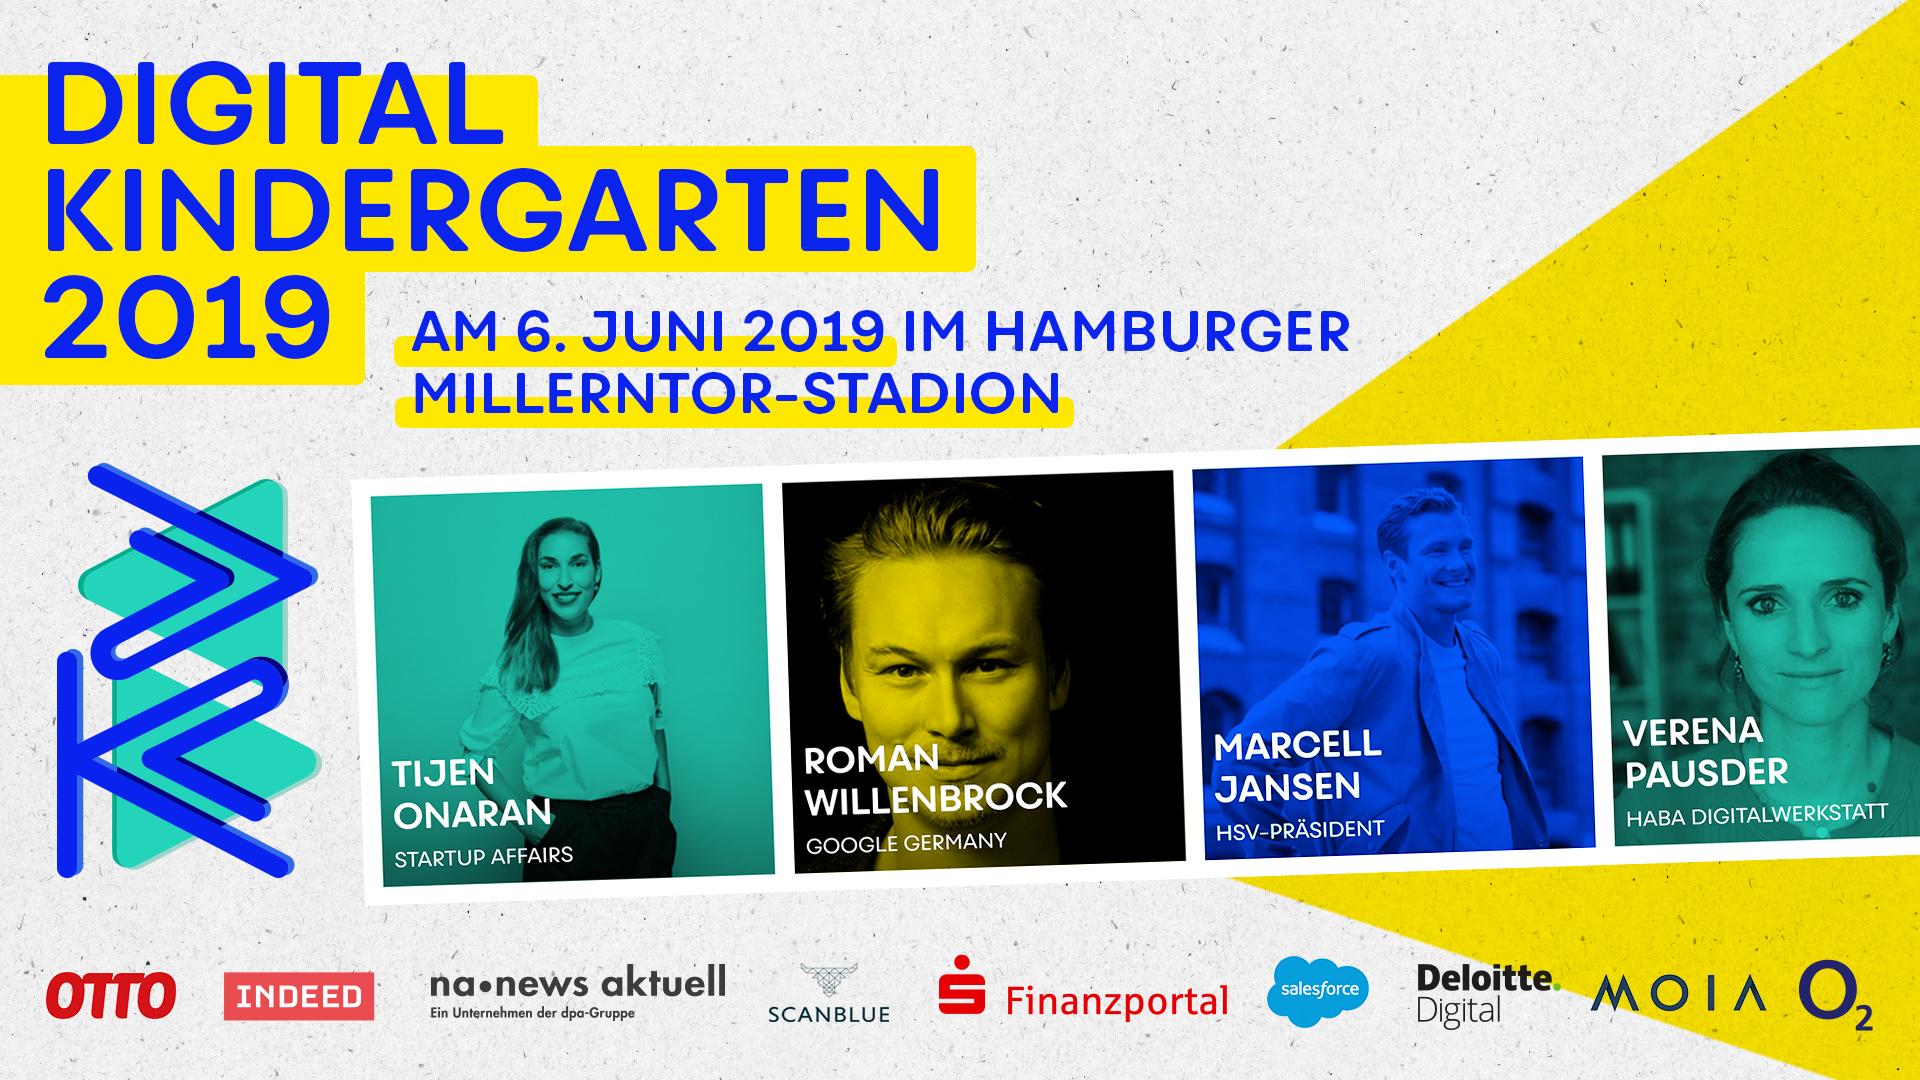 Am 06. Juni 2019 findet der DIGITAL KINDERGARTEN im Millerntor-Stadion statt.